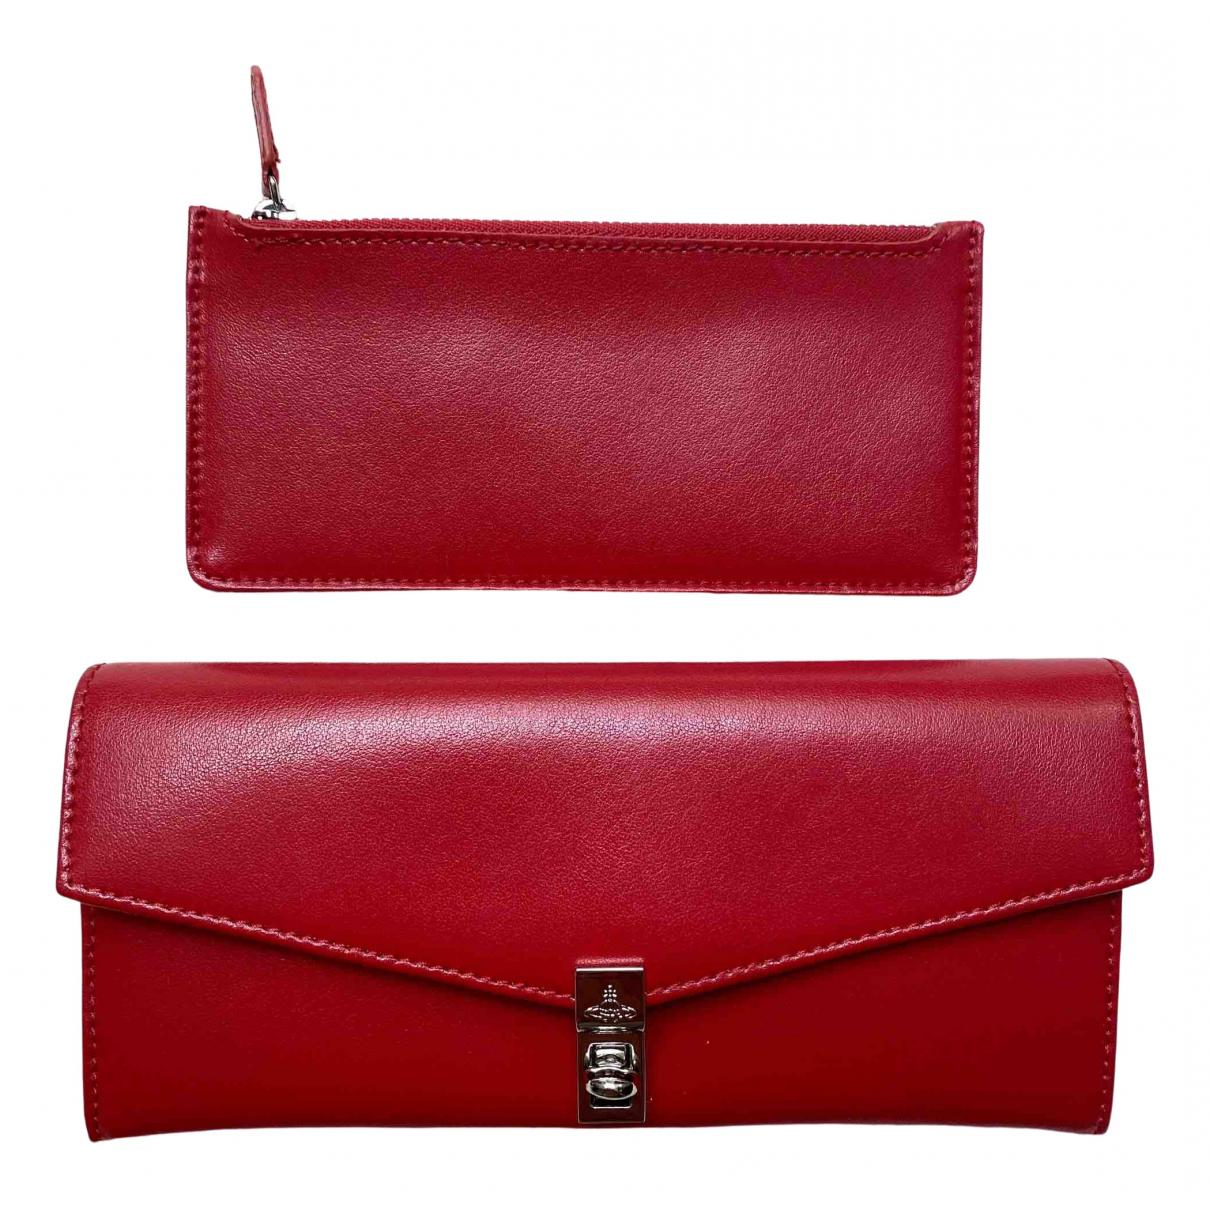 Vivienne Westwood \N Portemonnaie in  Rot Leder